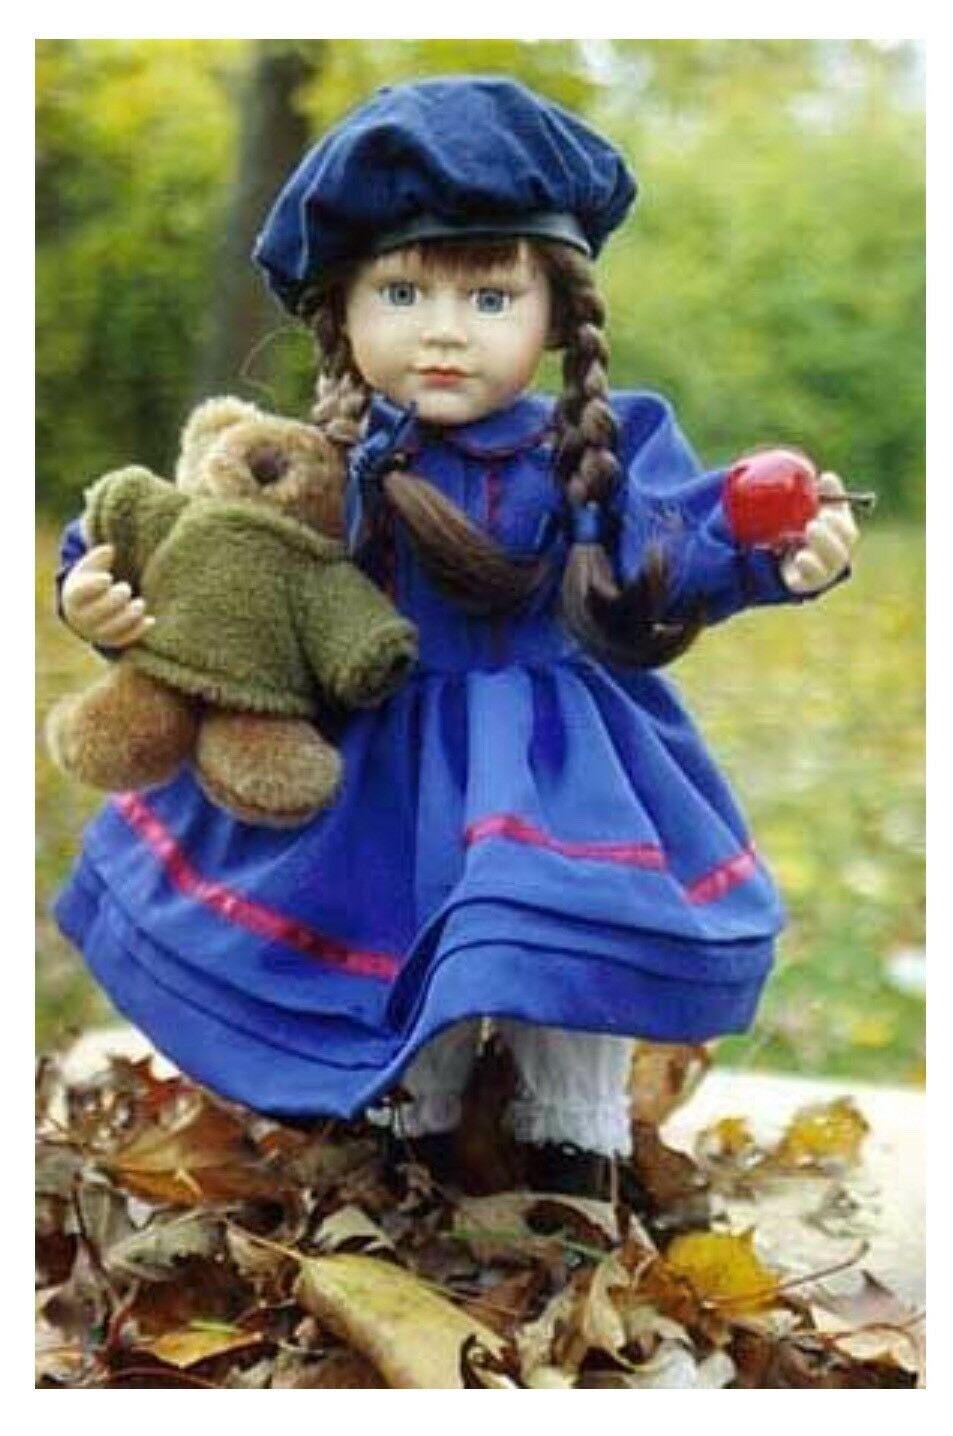 articoli promozionali NIB NIB NIB NOS Chantal Poulin  Autumn  Collector's bambola  249 15,000  autentico